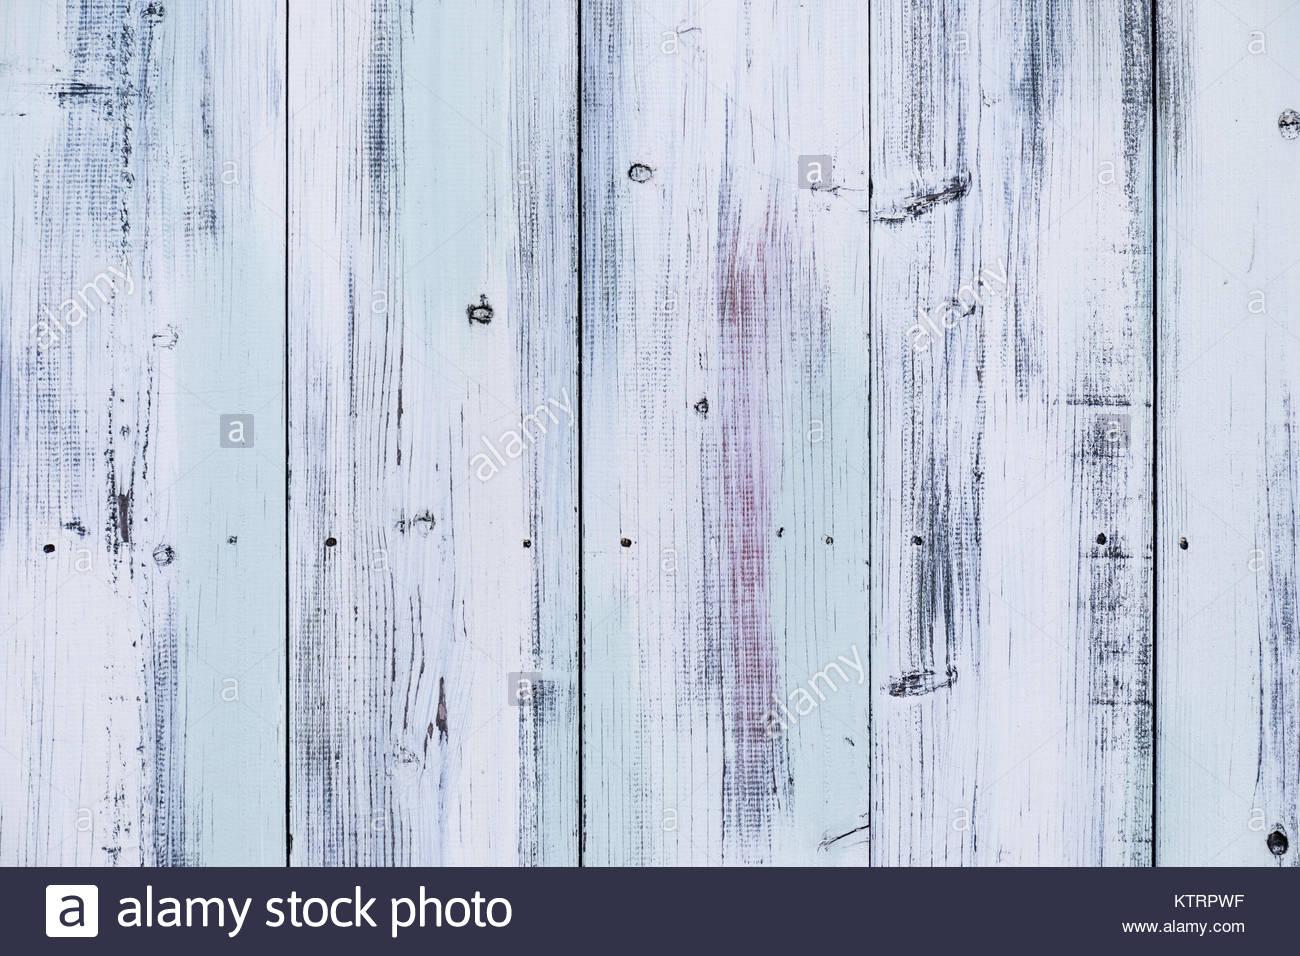 Painted wooden wall, Honan, Suginami, Tokyo - Stock Image